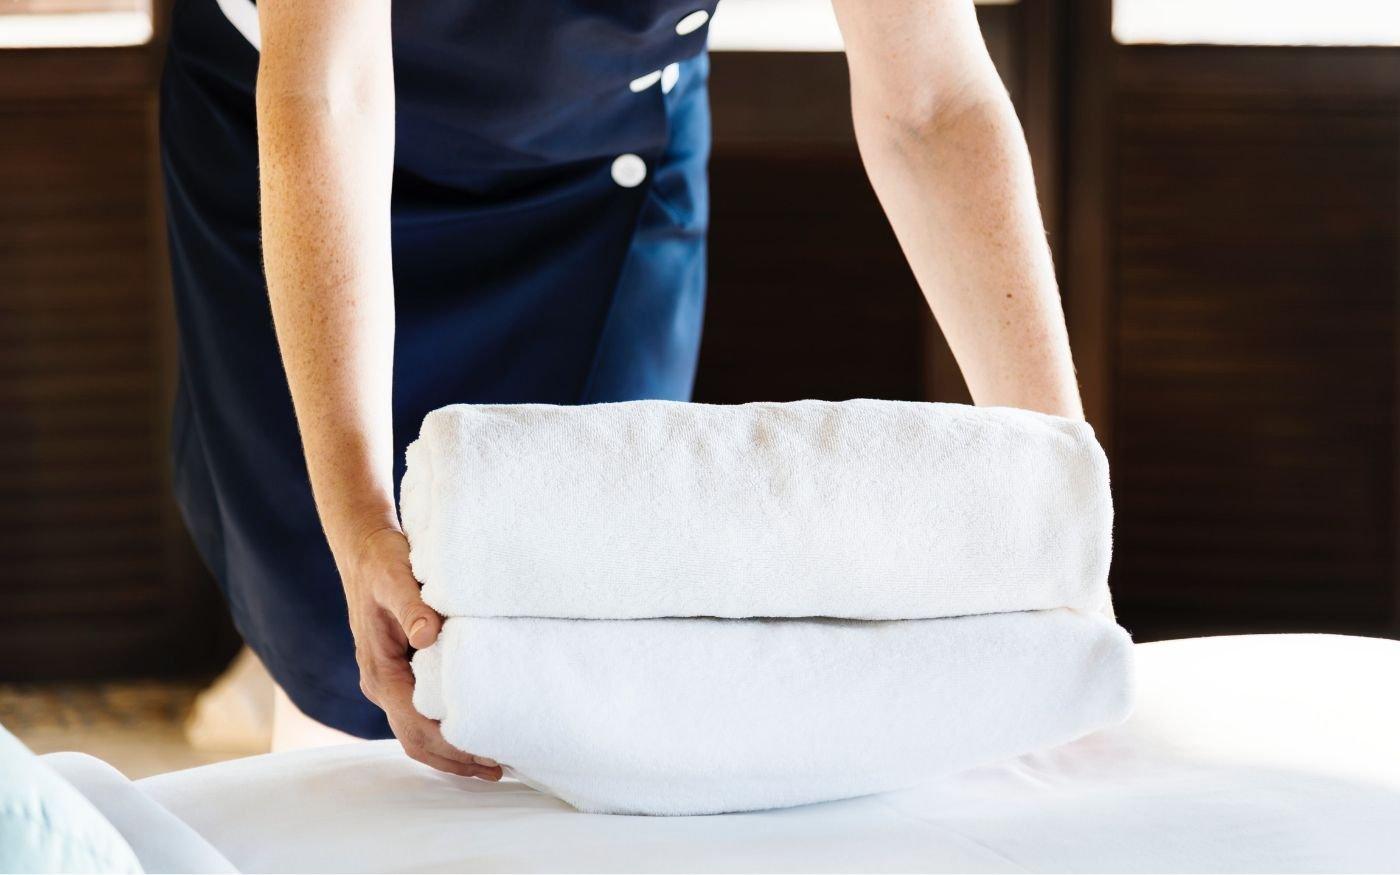 Zimmerreinigung abbestellen - das Whitepaper von SuitePad